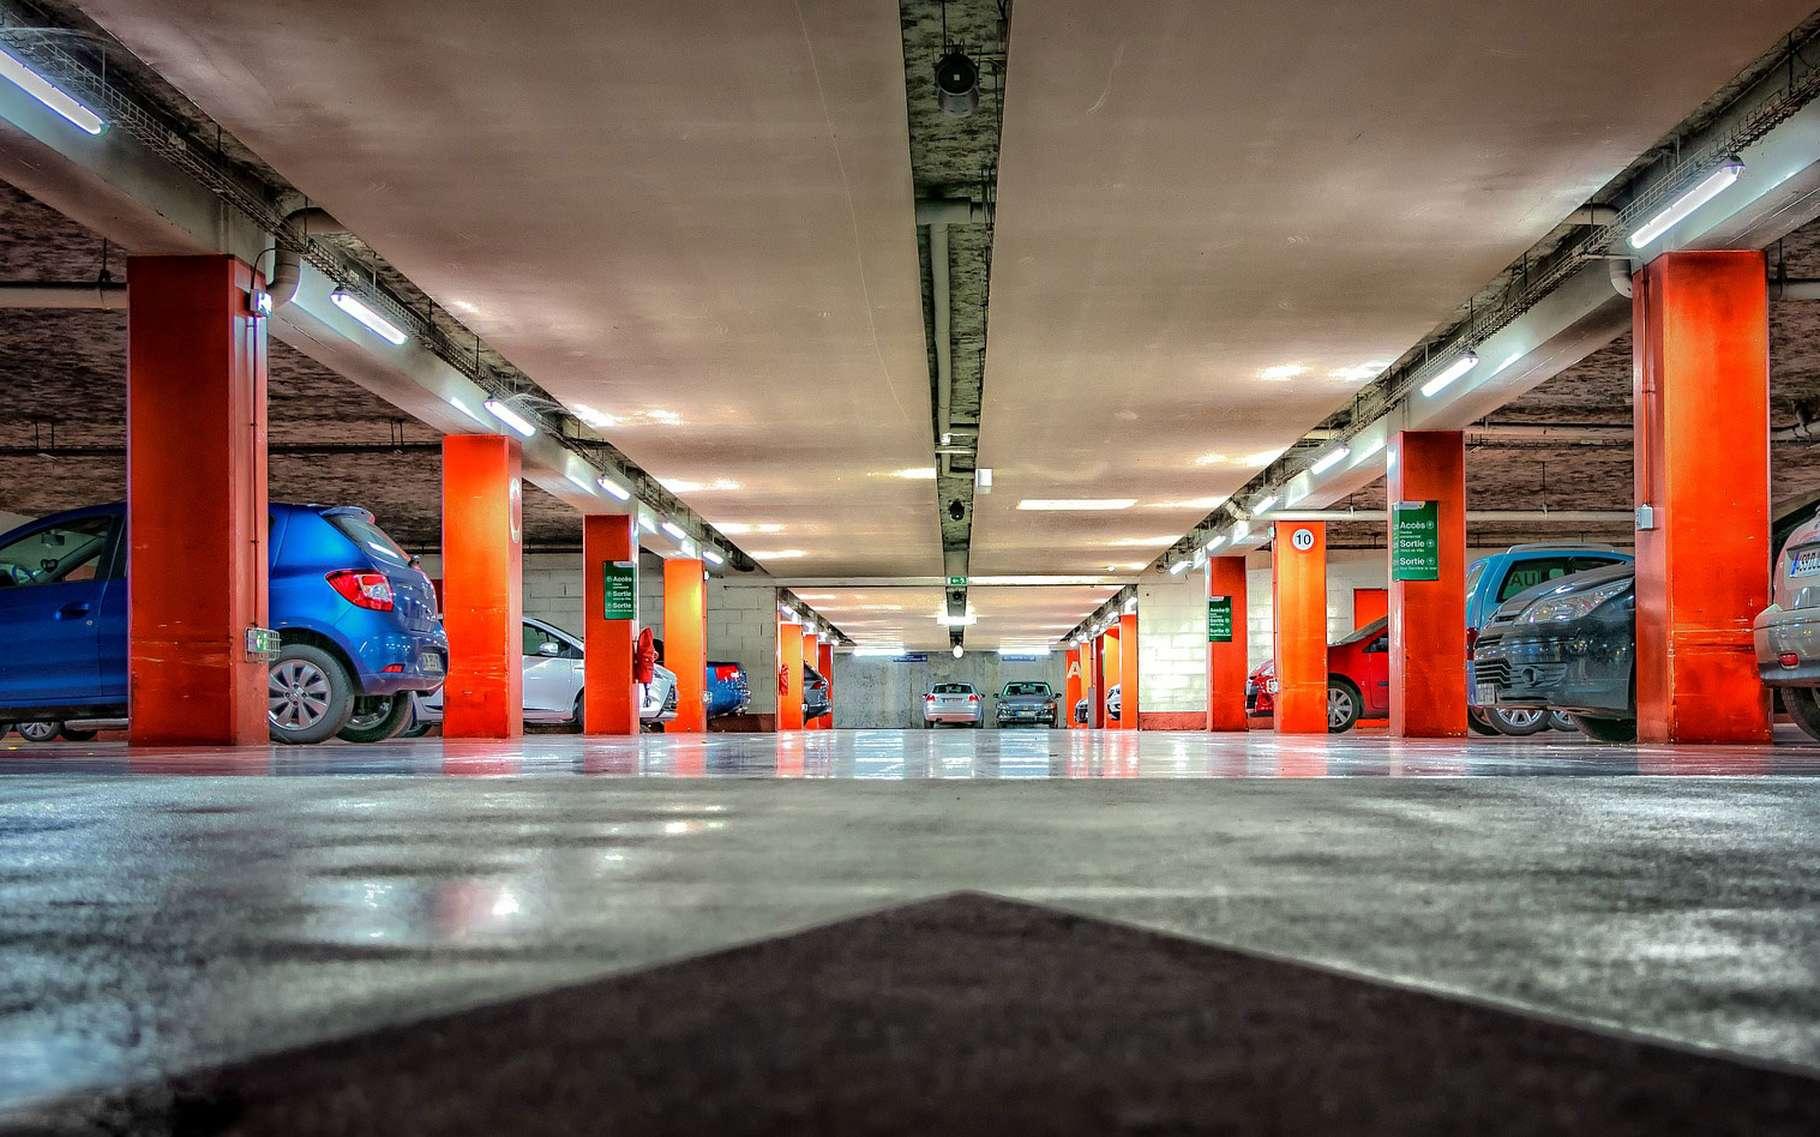 Retrouver le numéro de la place dans un parking souterrain. © Tama66, Pixabay, Domaine public